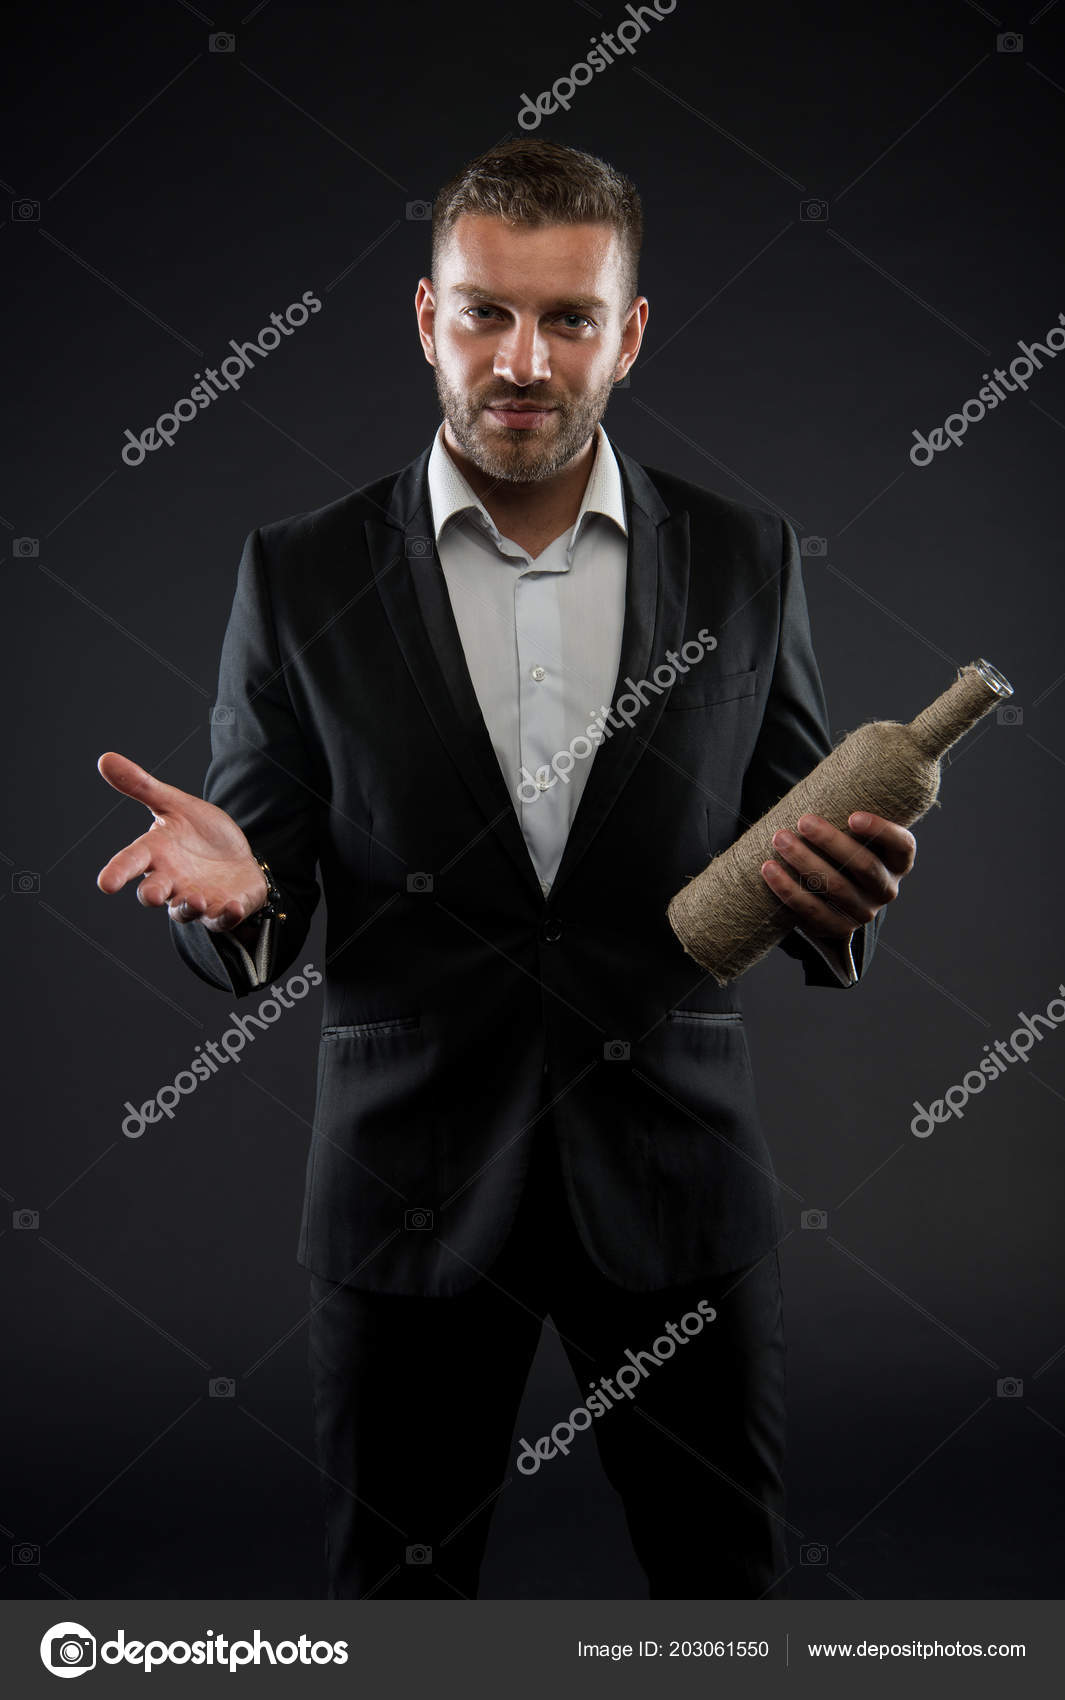 Gran inauguración del restaurante. Hombre de traje oscuro con vintage  botella en las manos. Macho con confianza mira aislado sobre fondo negro. be34f595b4e